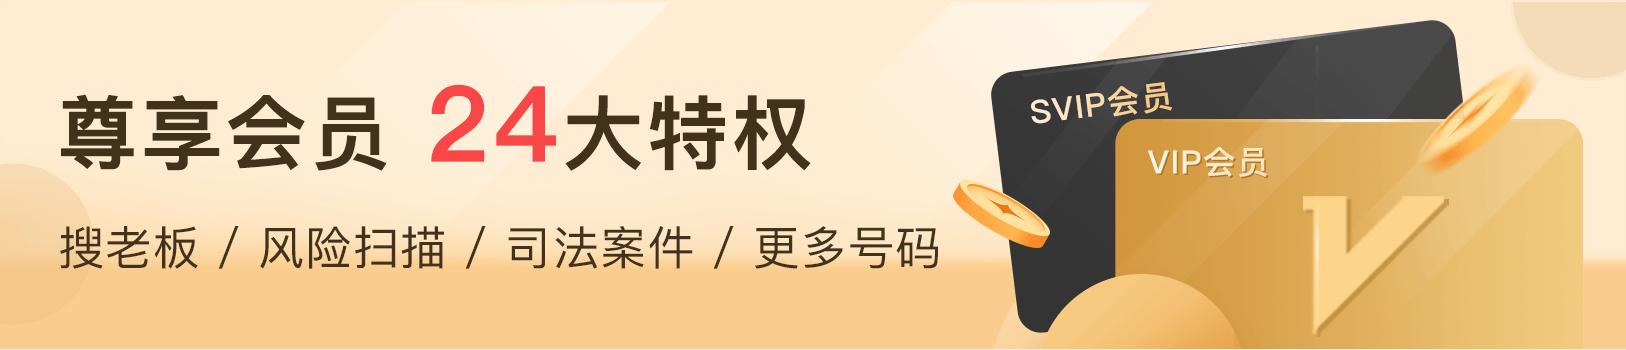 博彩送彩金平台-网赌送彩金网站-免费送彩金博彩公司-最新送彩金白菜网址